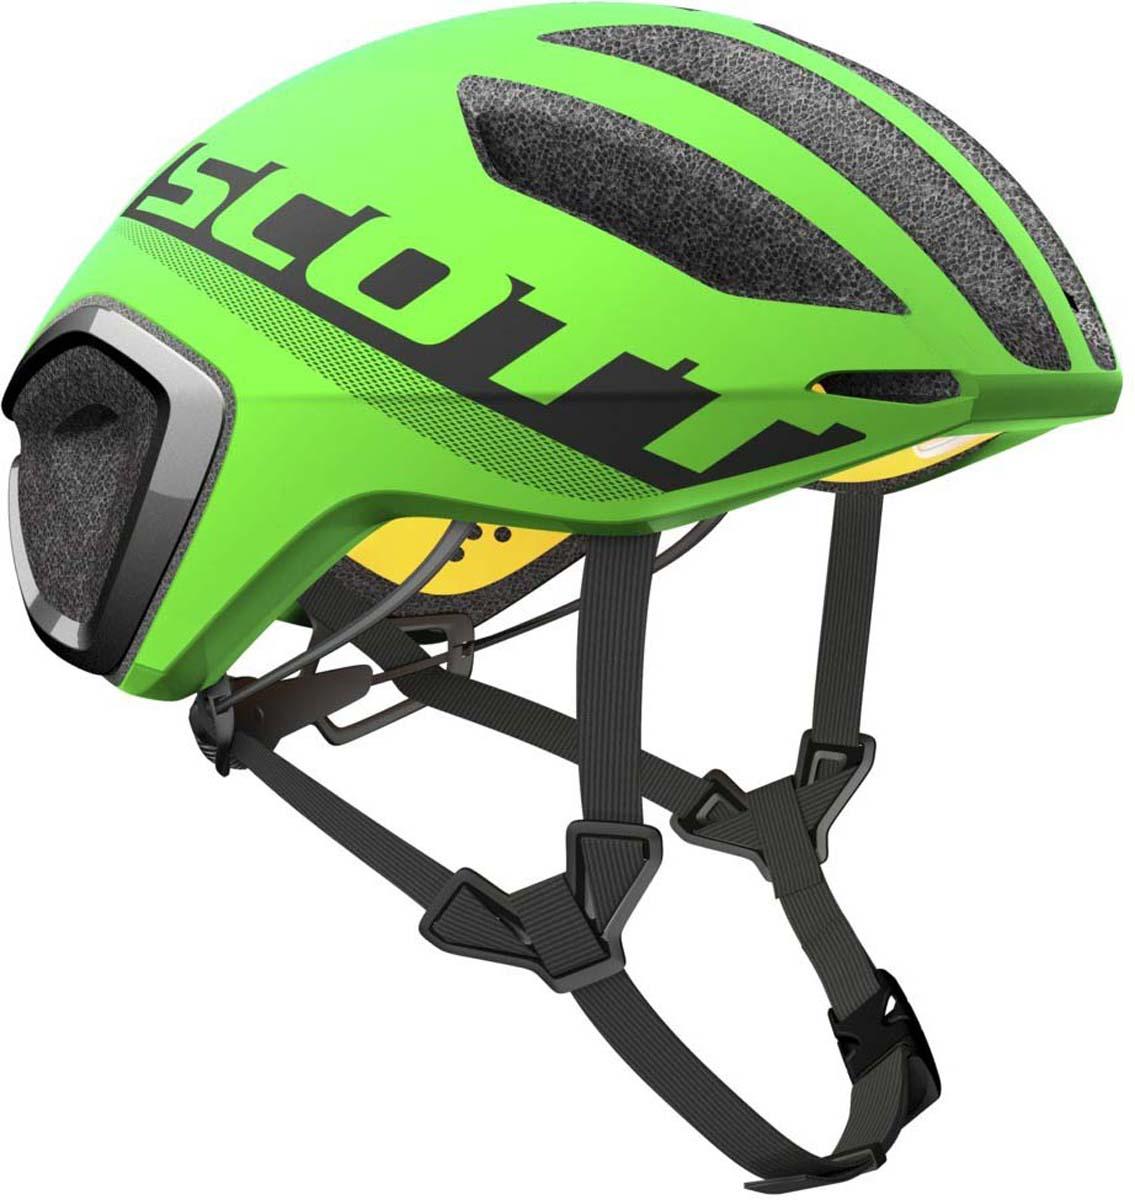 Шлем защитный Scott Cadence Plus, цвет: зеленый, черный. Размер L (59-61)